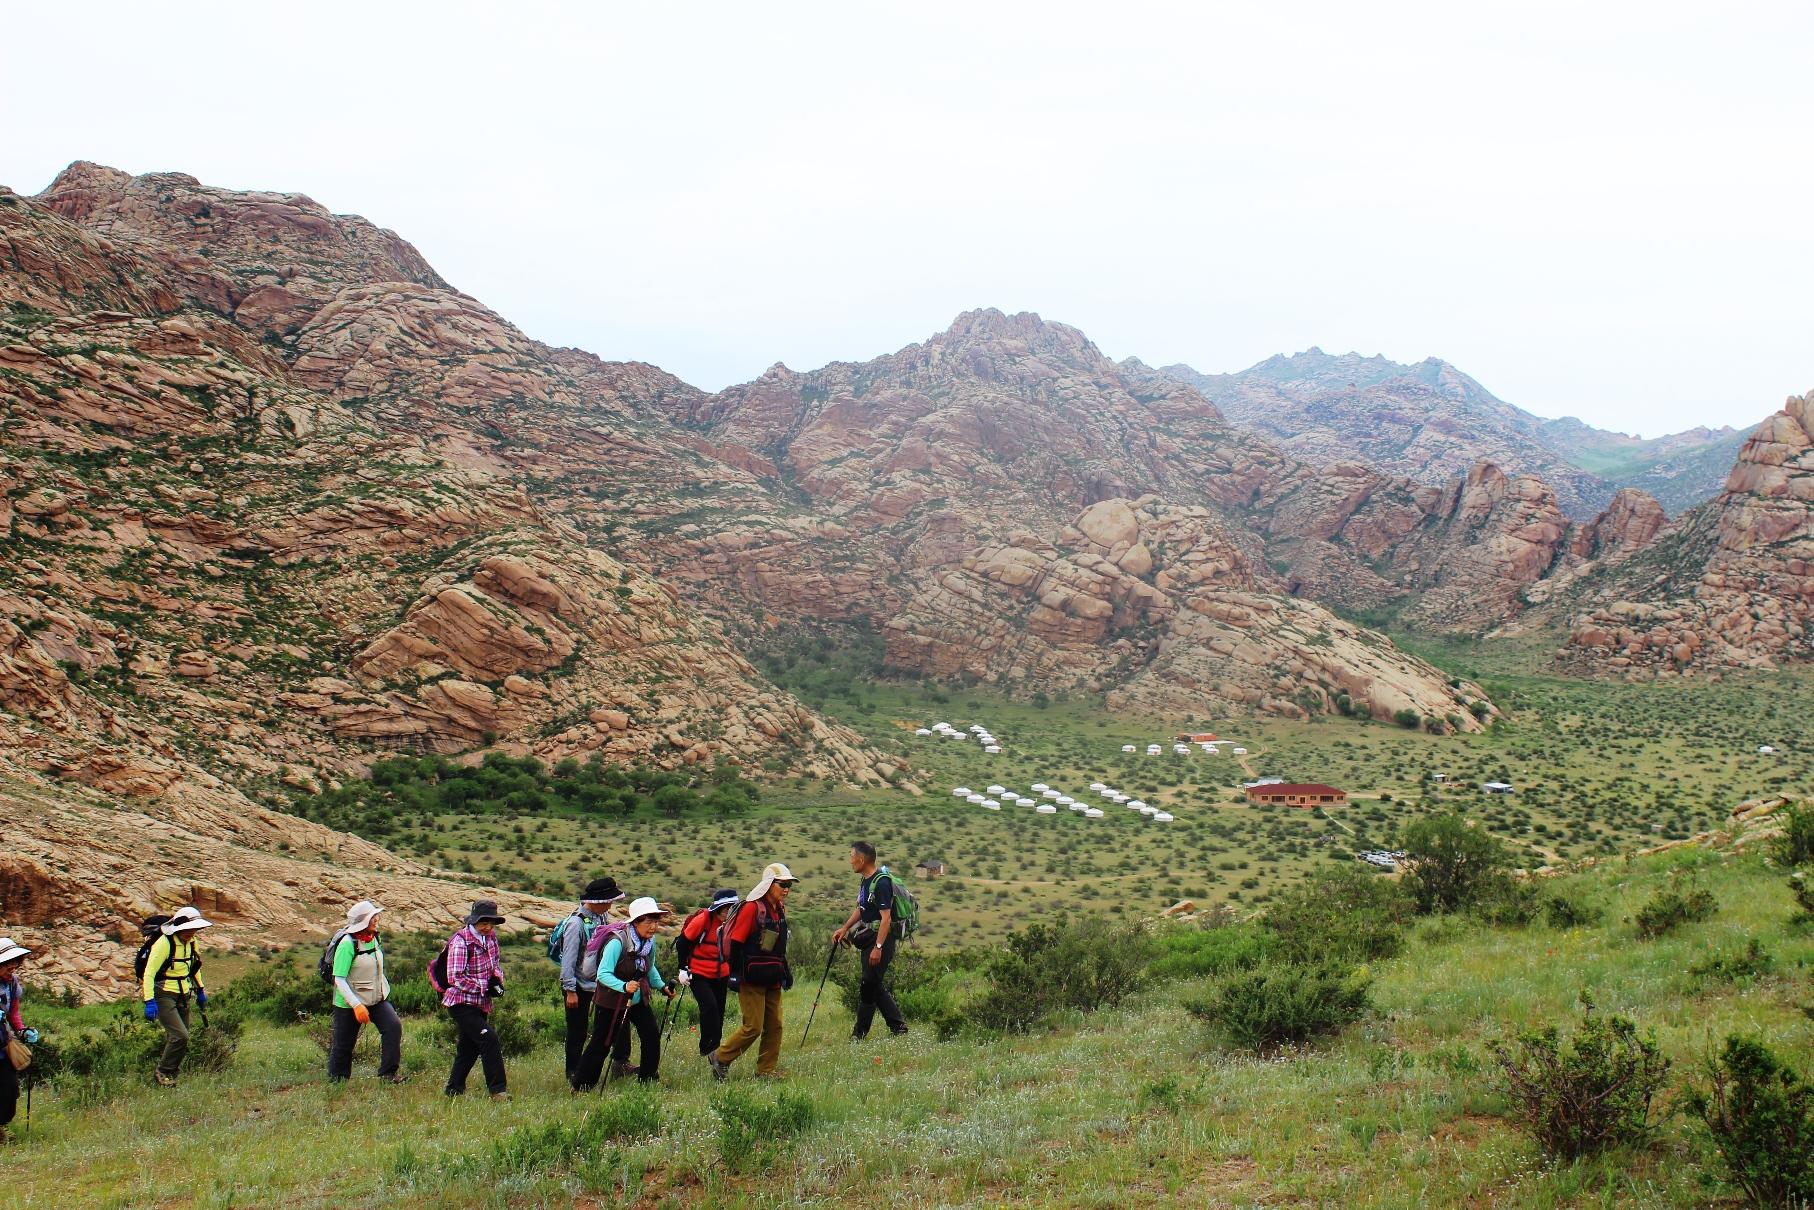 ラシャントキャンプ地周辺ハイキング